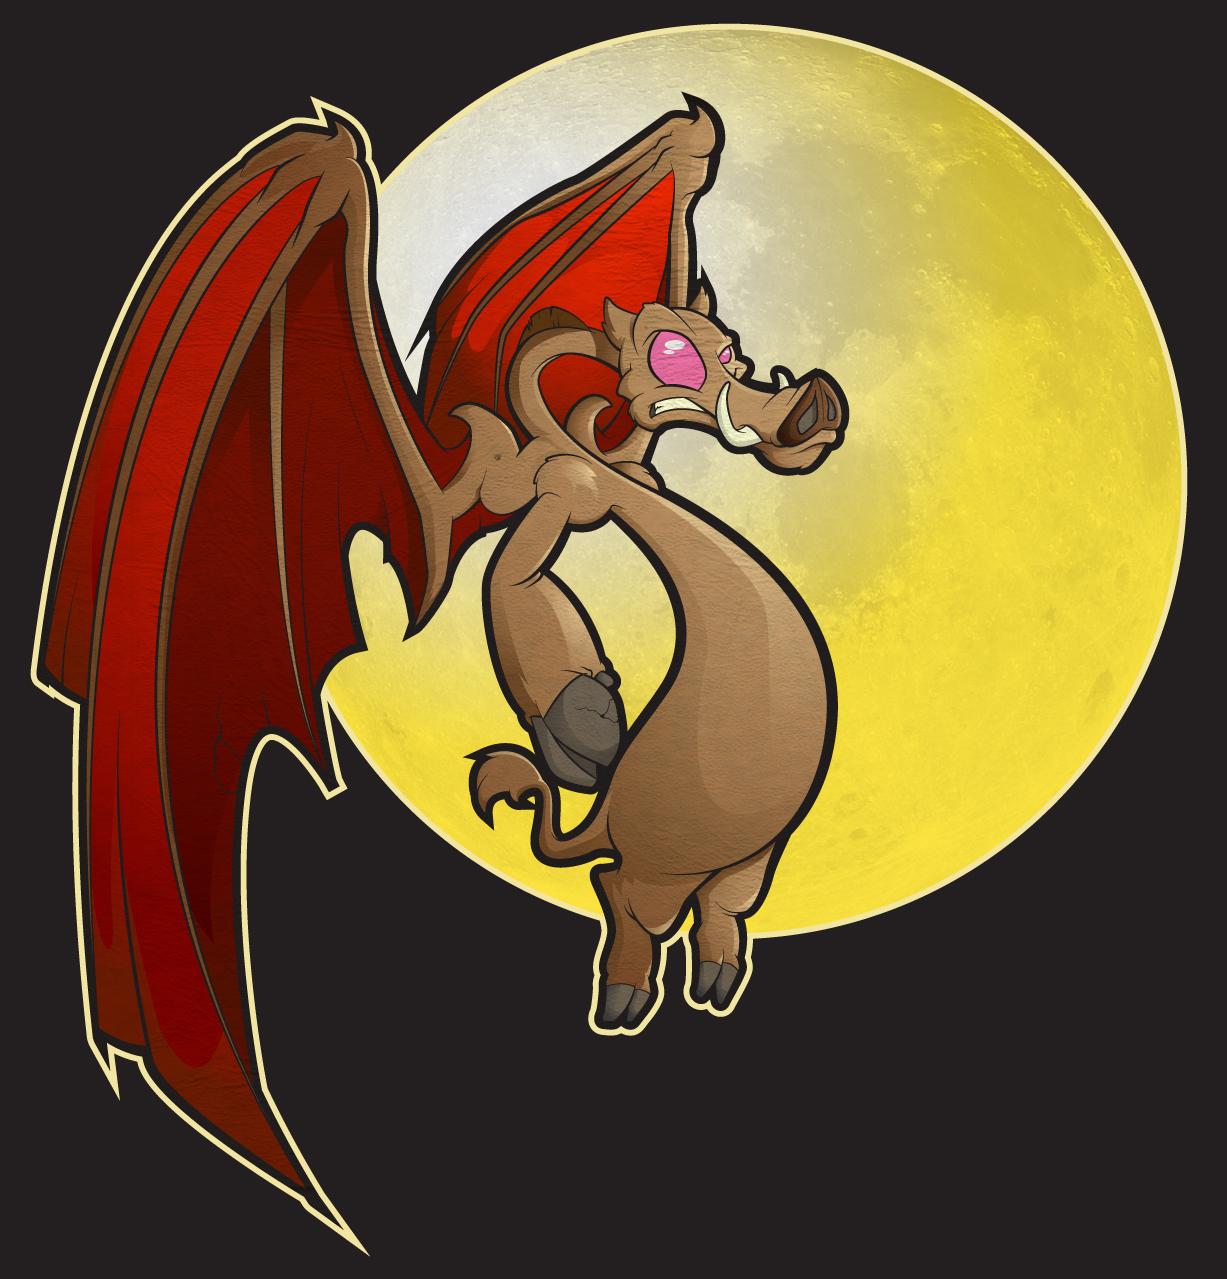 Flying pig - evil version